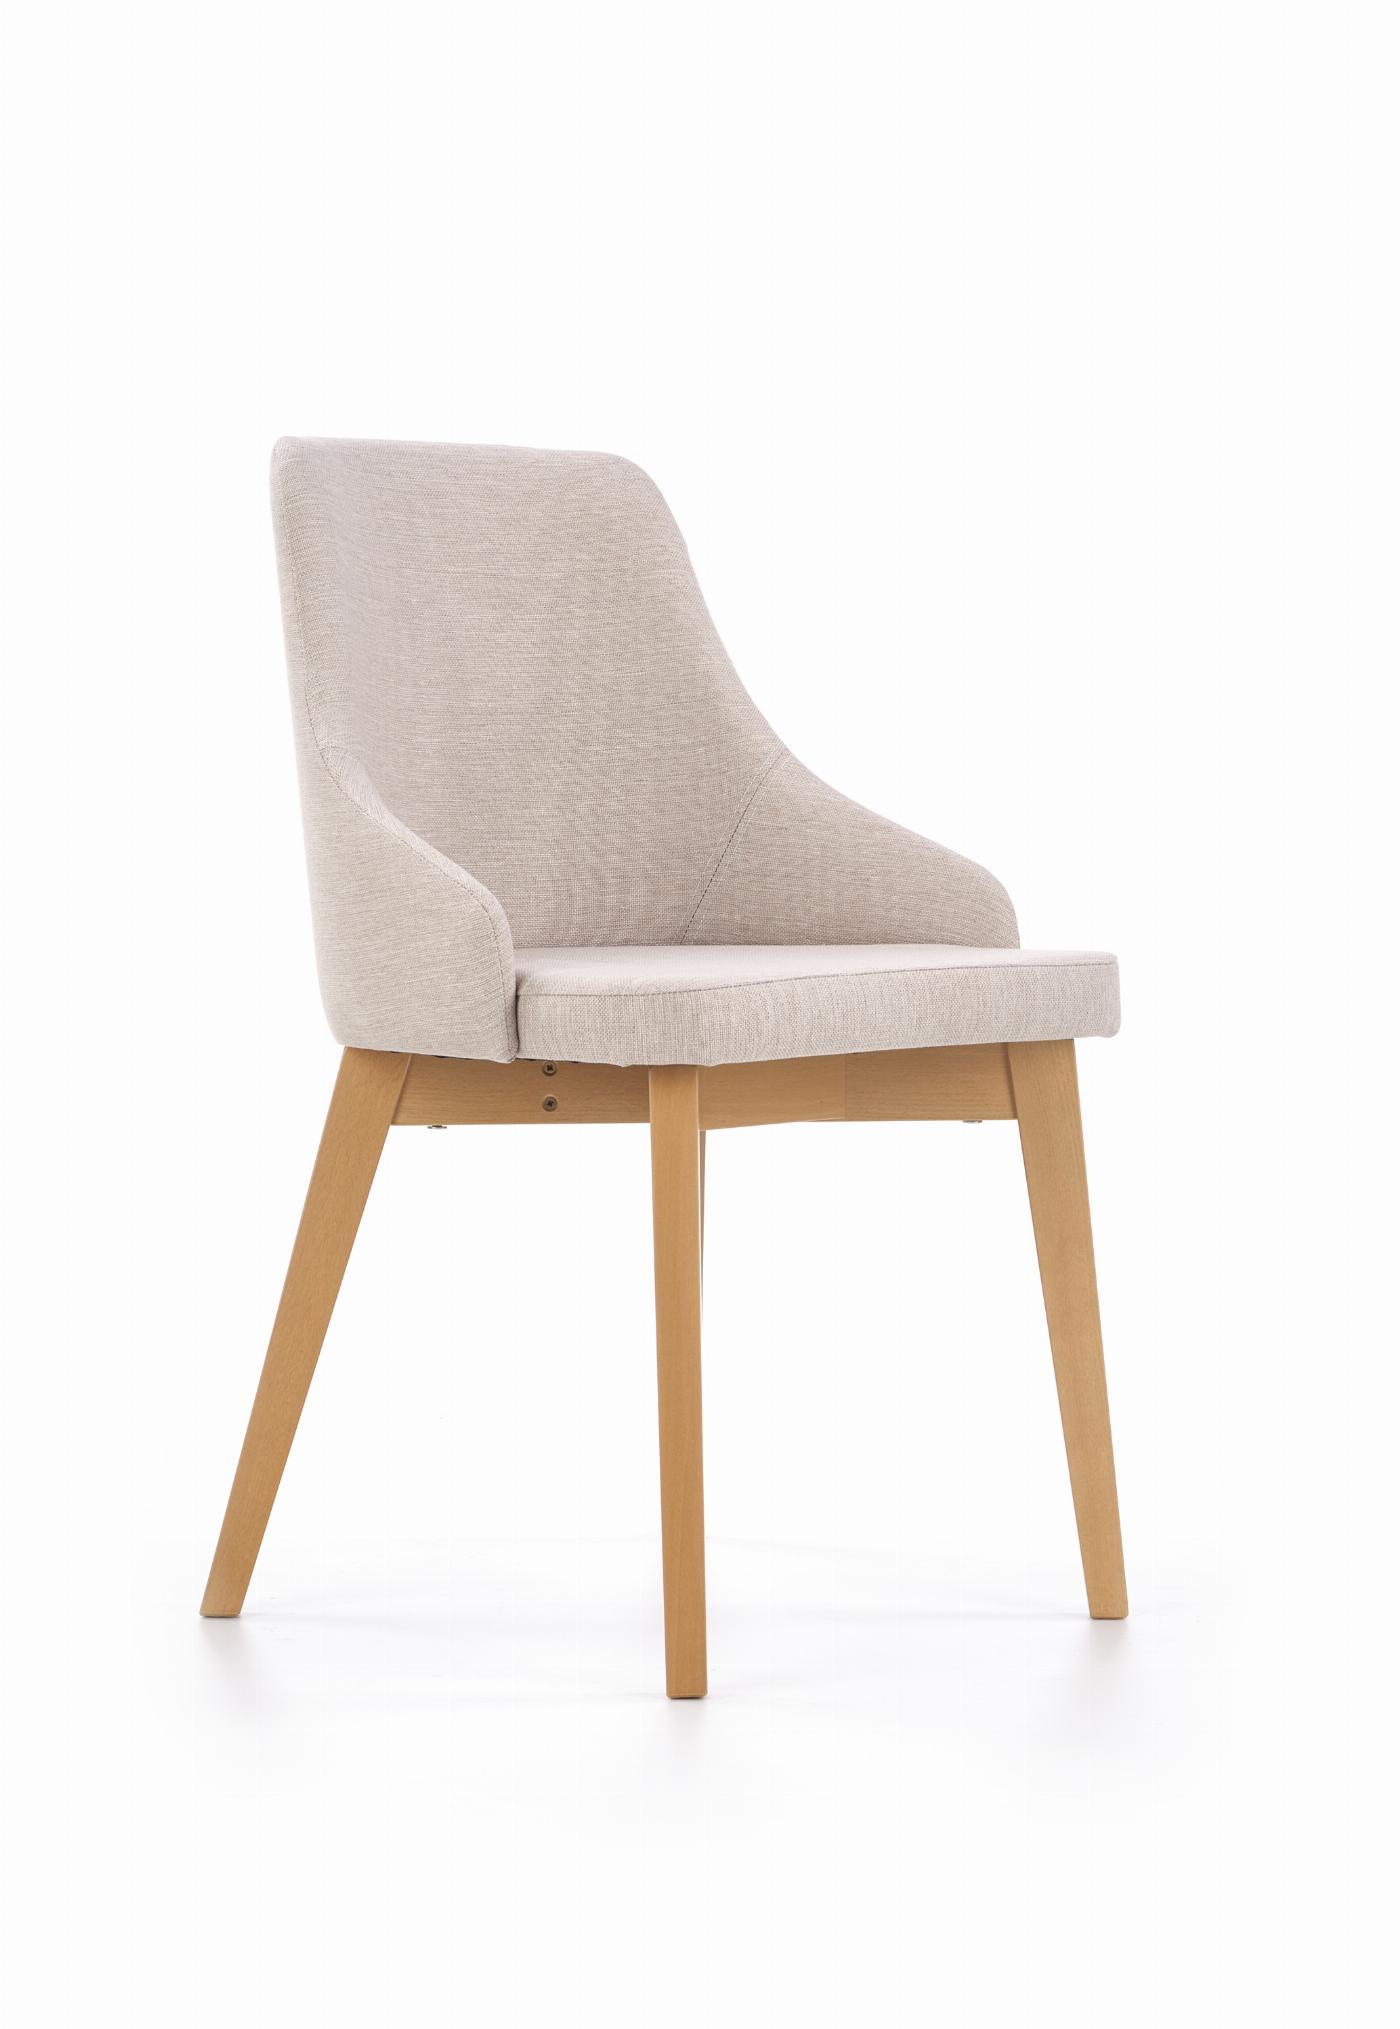 TOLEDO krzesło dąb miodowy / tap. Inari 22 (jasny beż) (1p=1szt)